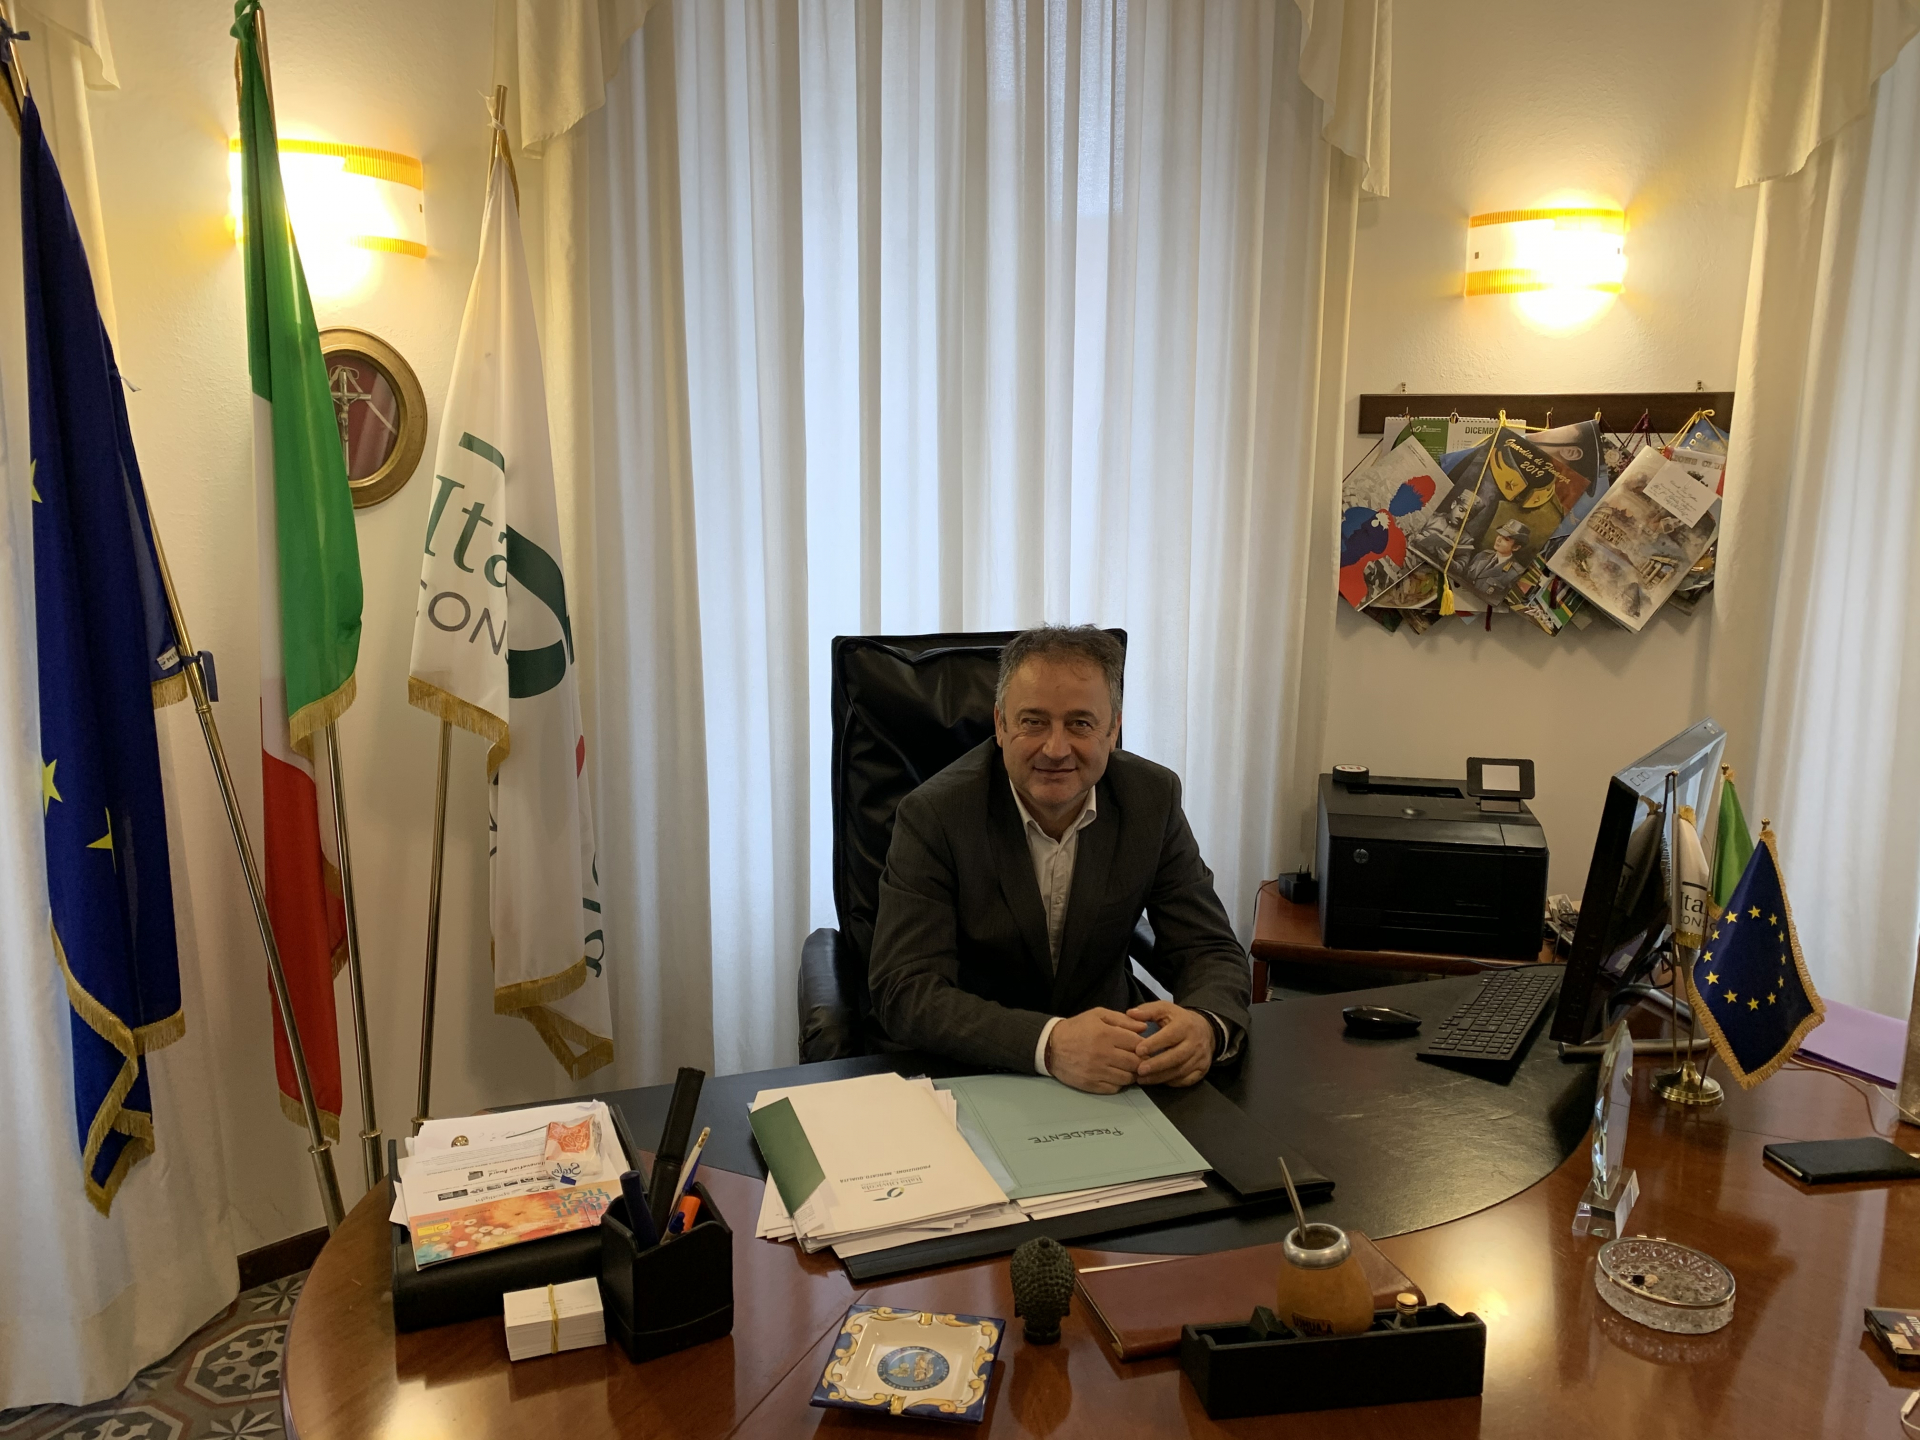 Nuovo Presidente per Italia Olivicola: Fabrizio Pini a capo della più importante organizzazione della produzione olivicola italiana